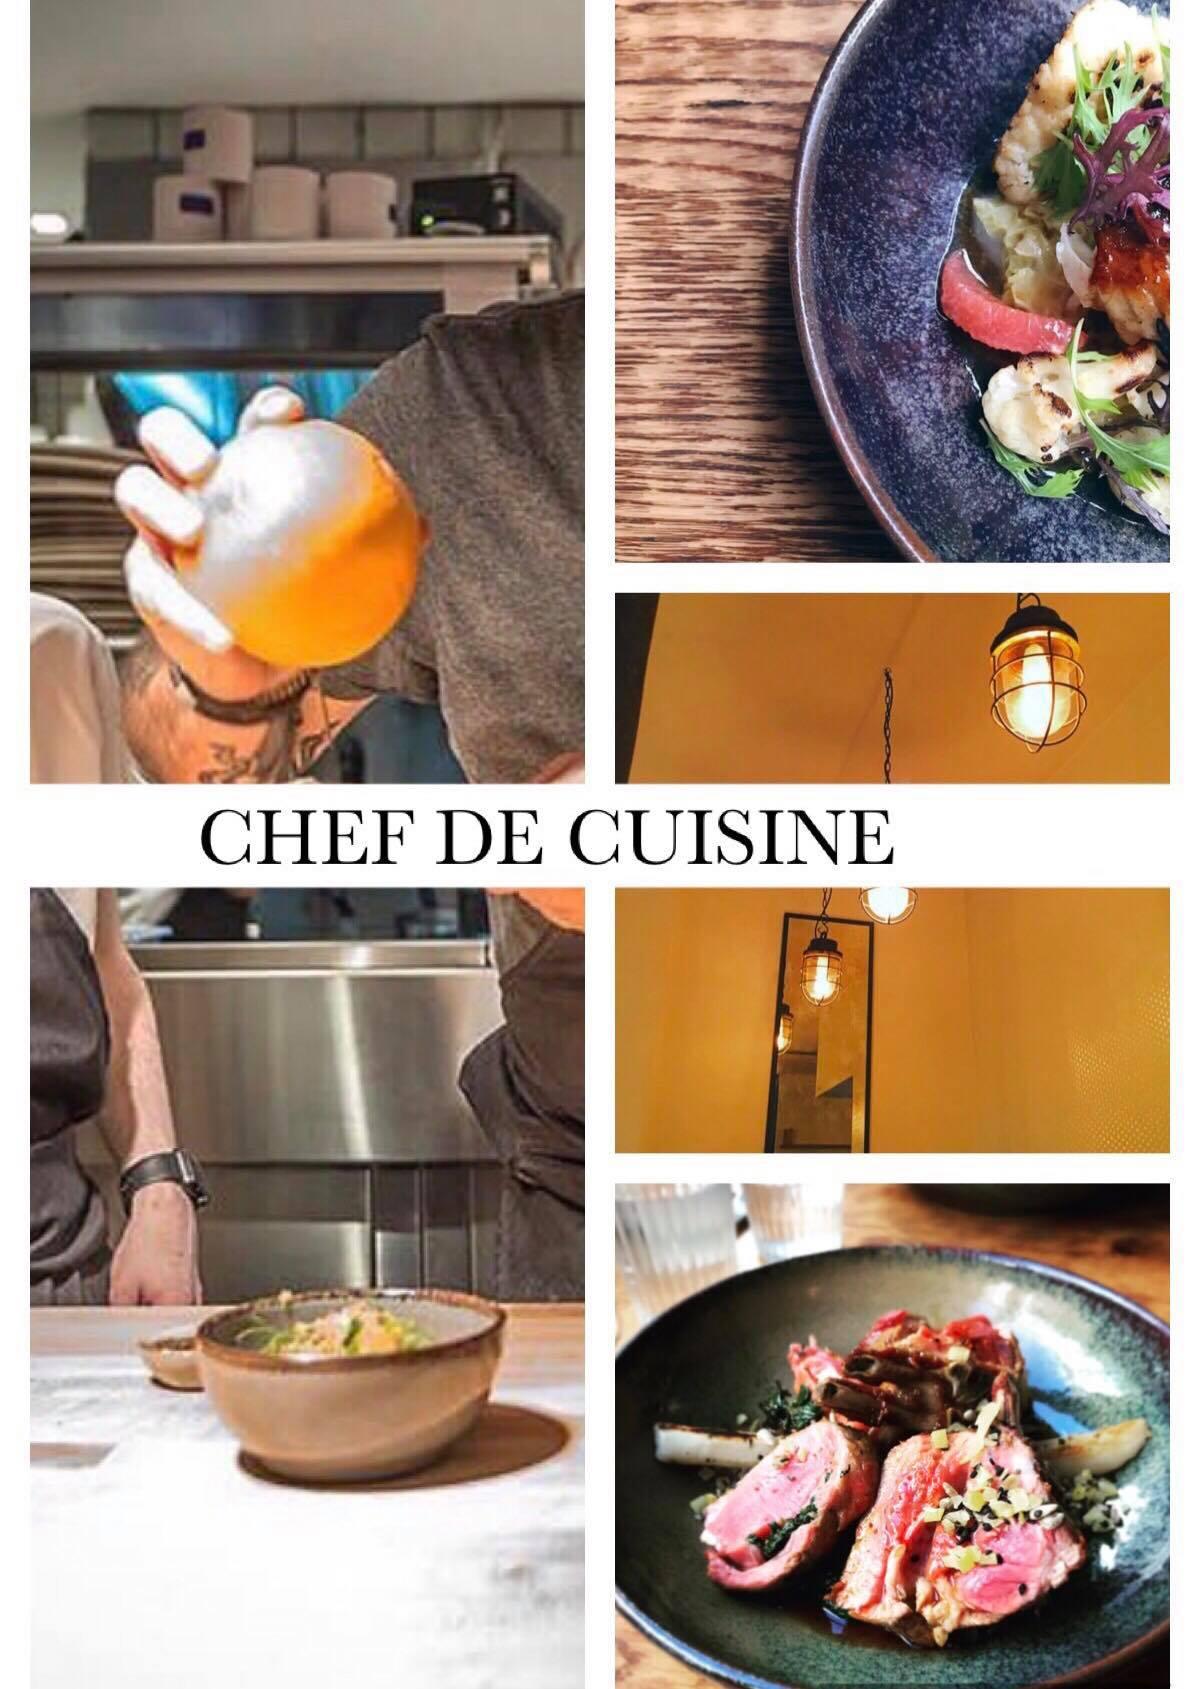 Chef de cuisine archives rhea recrutement - Offre emploi chef de cuisine ...